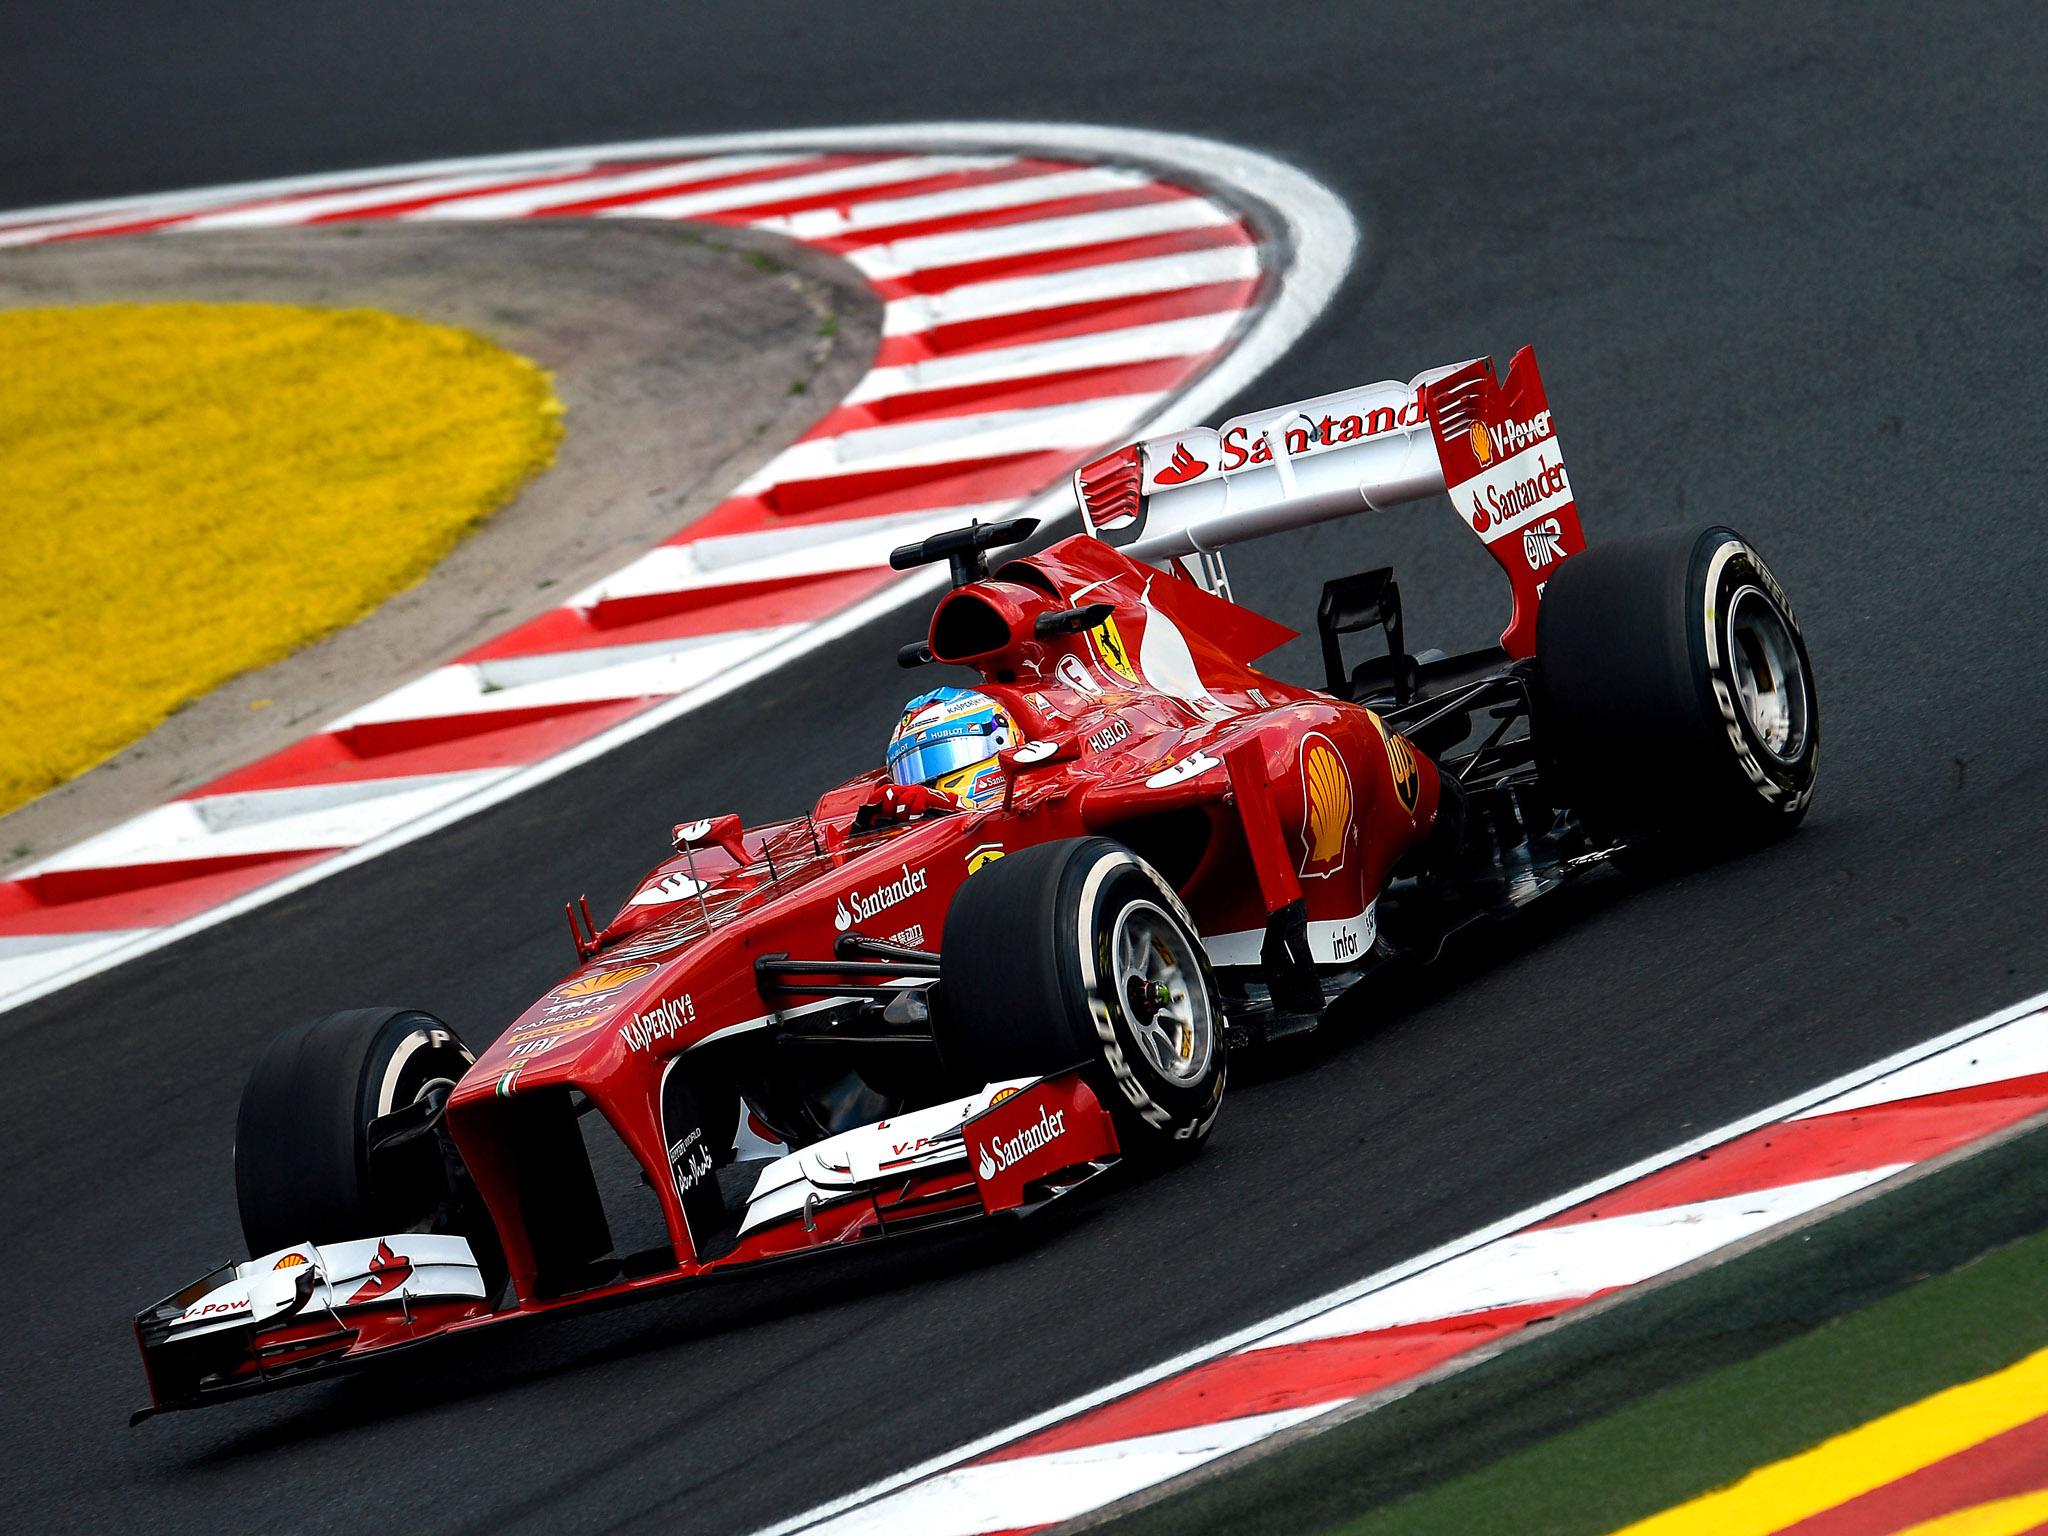 2013 Ferrari F138 Scuderia Formula One F 1 Race Racing 2048x1536